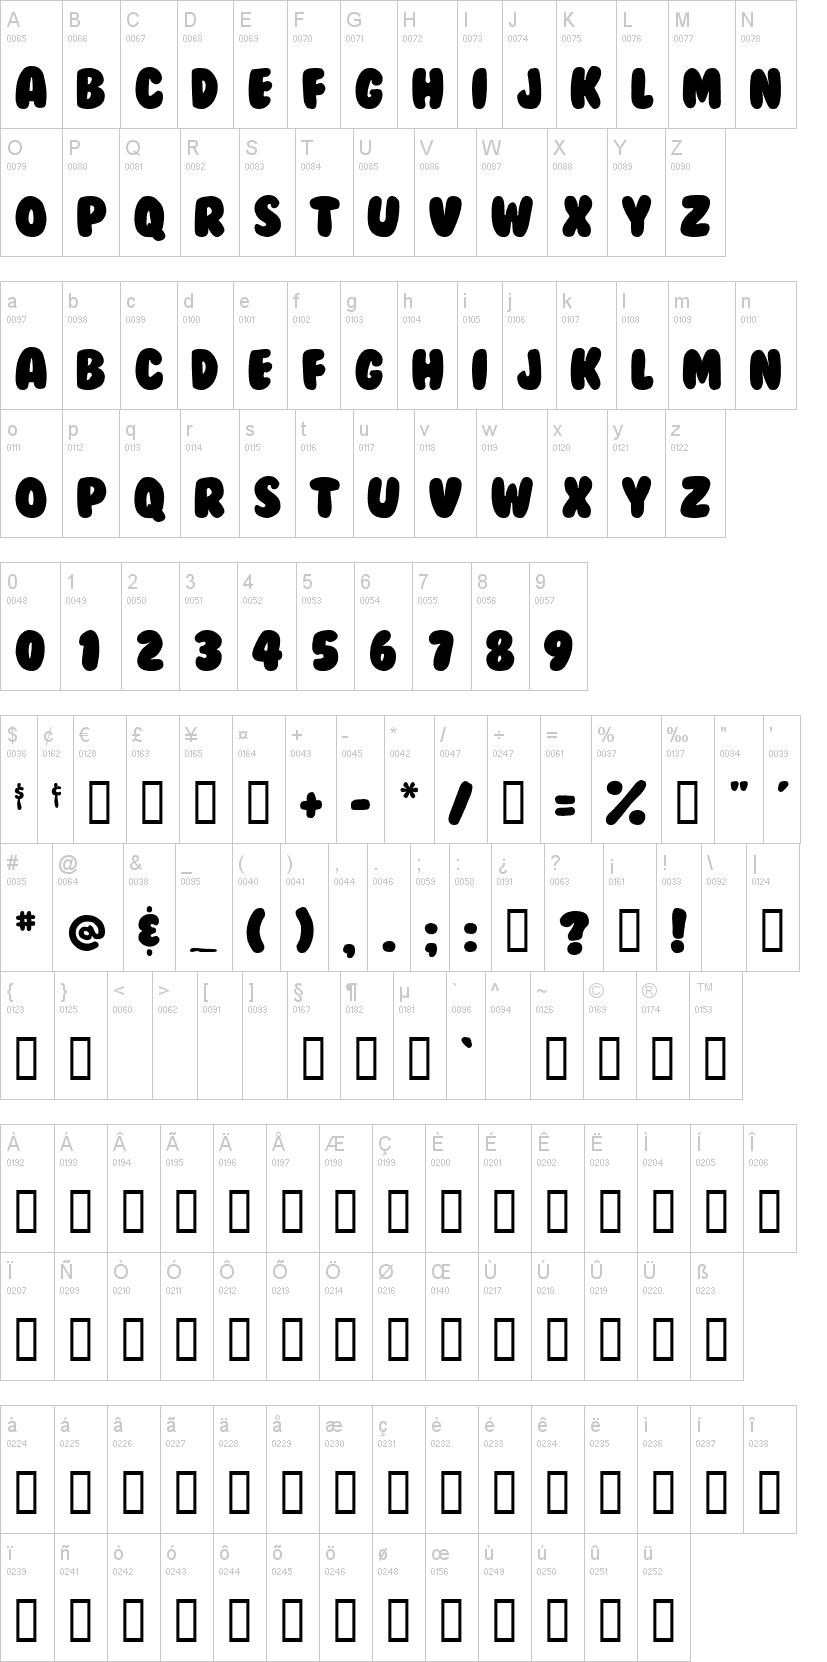 BubbleGum Font | dafont com